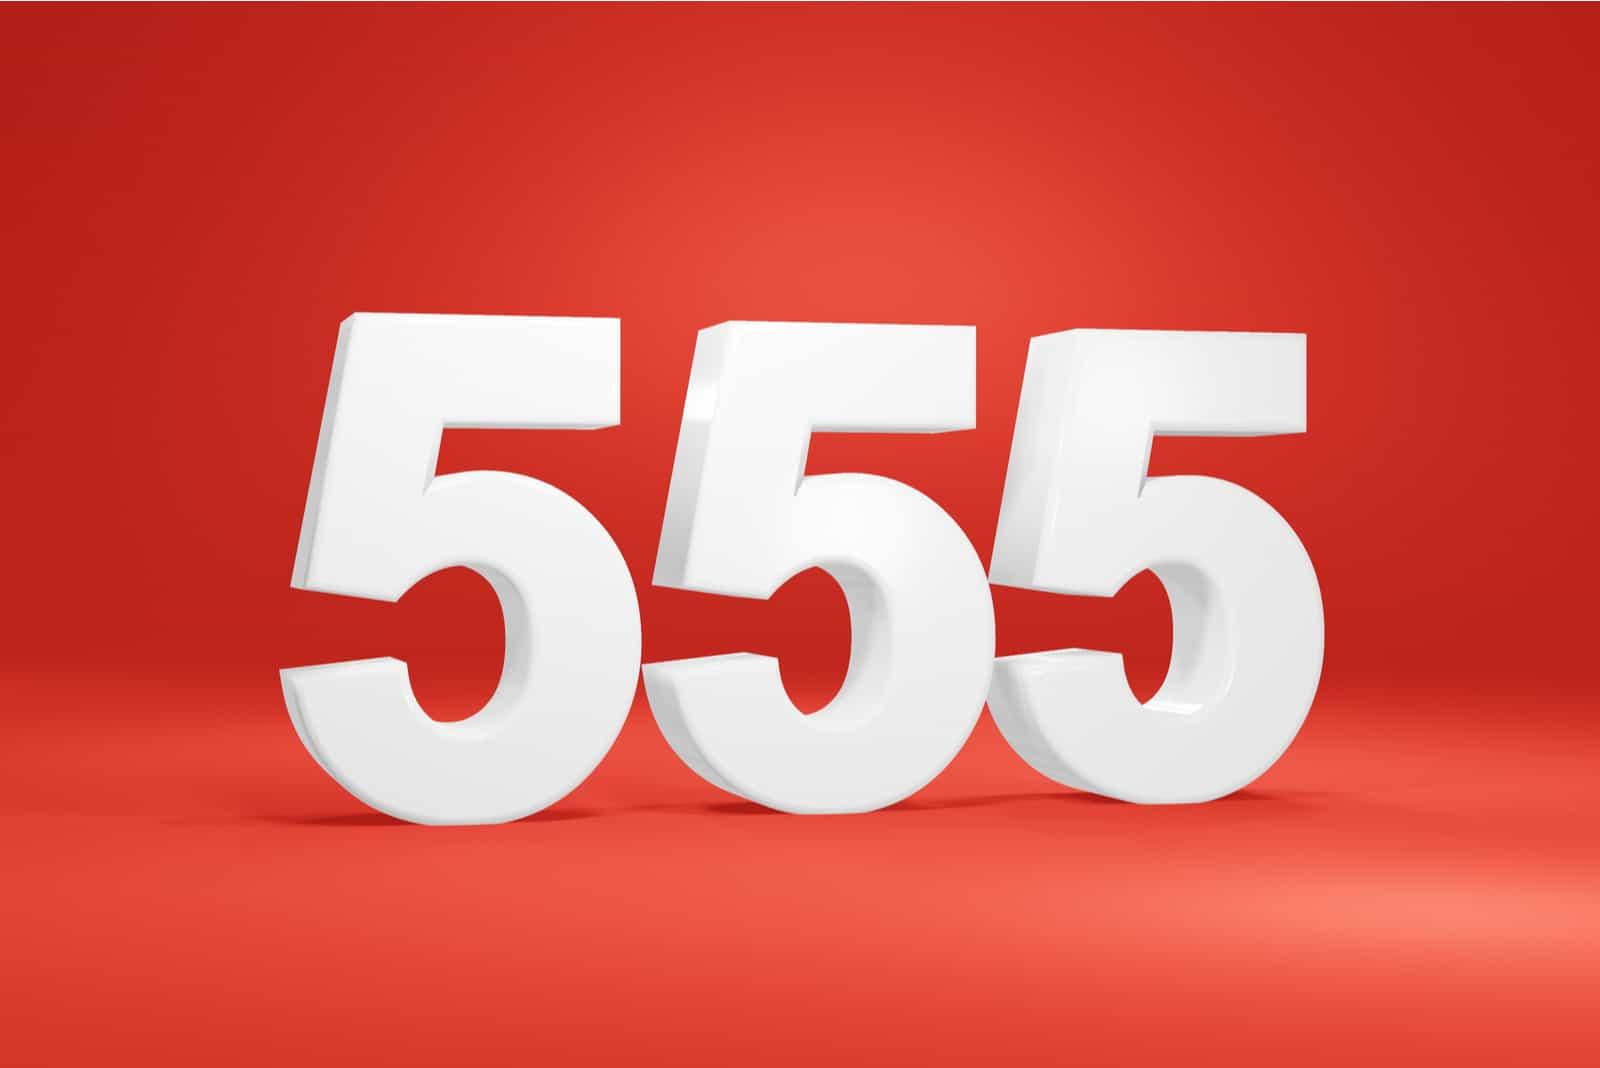 numéro 555 sur fond rouge